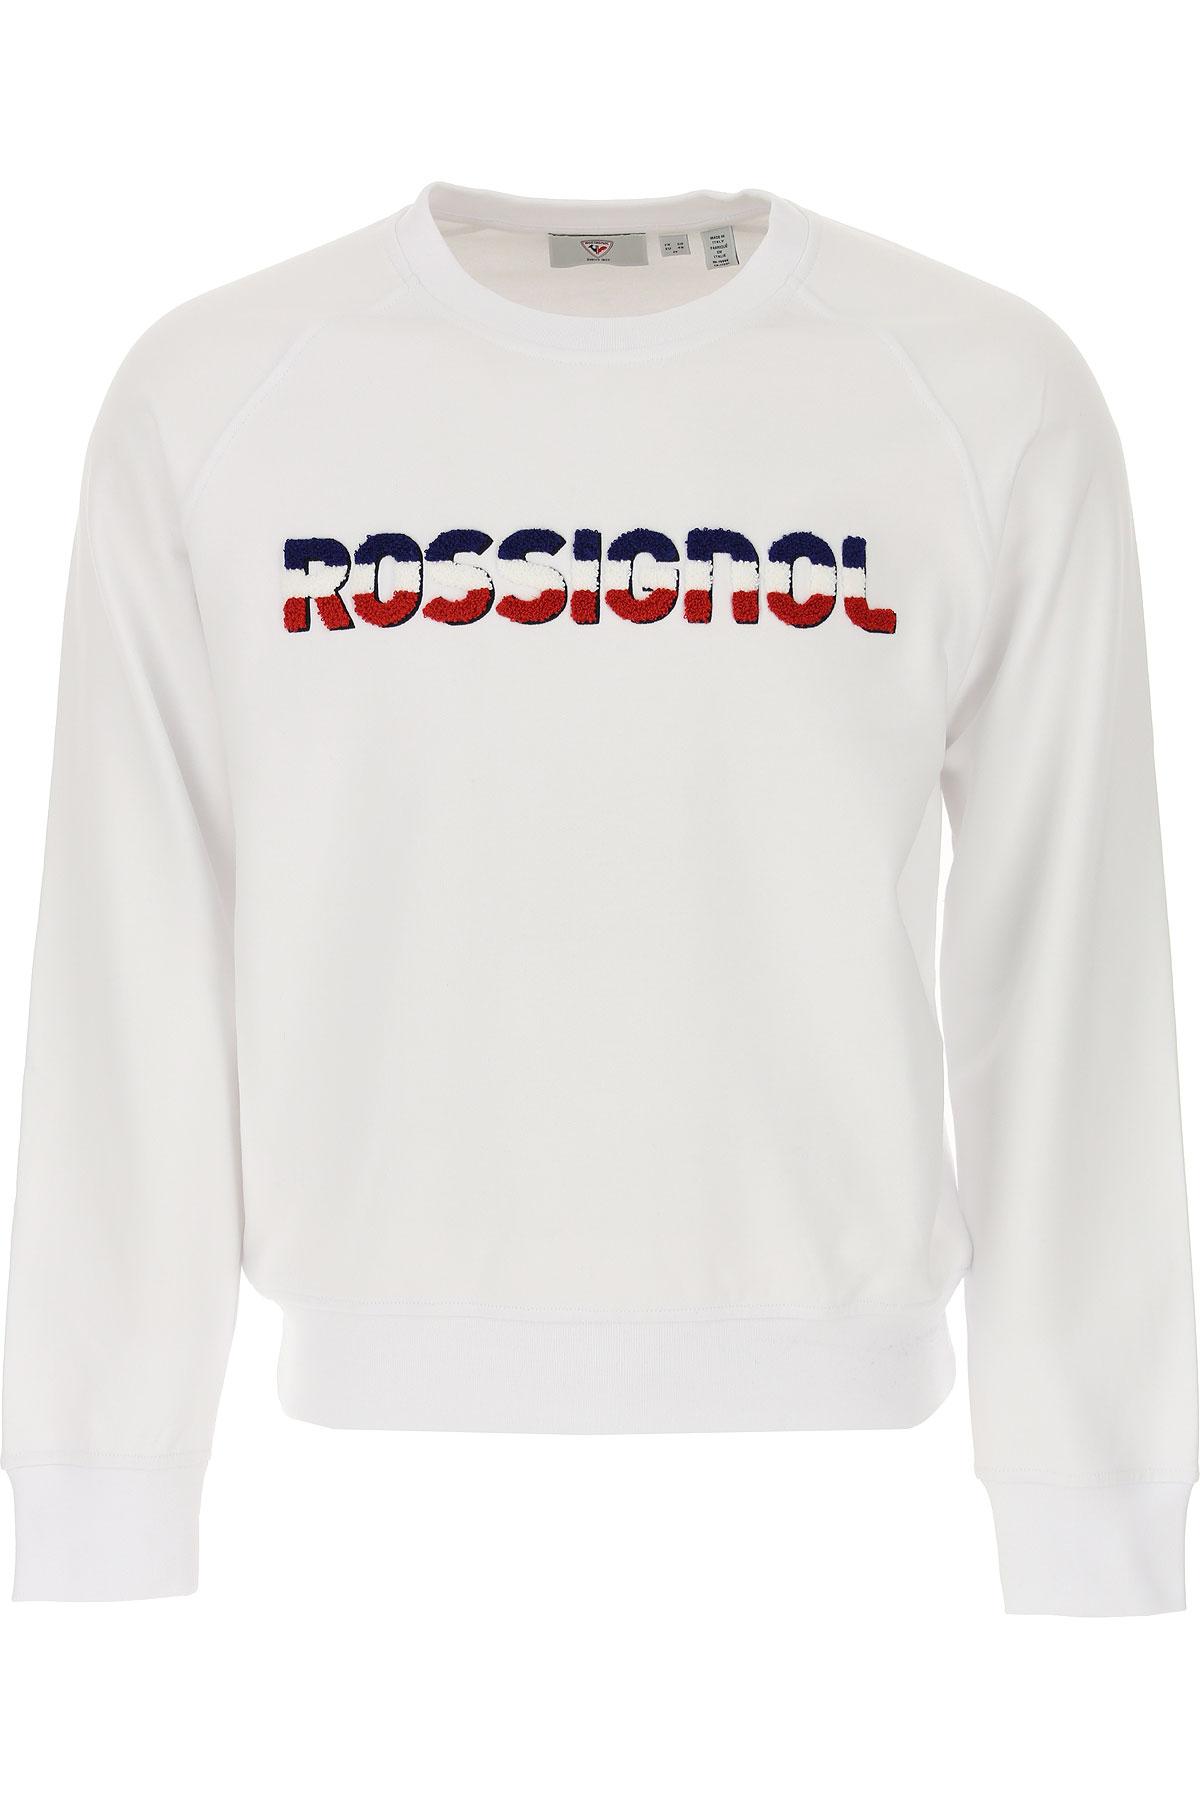 Rossignol Sweatshirt for Men On Sale, White, Cotton, 2019, L M S XL